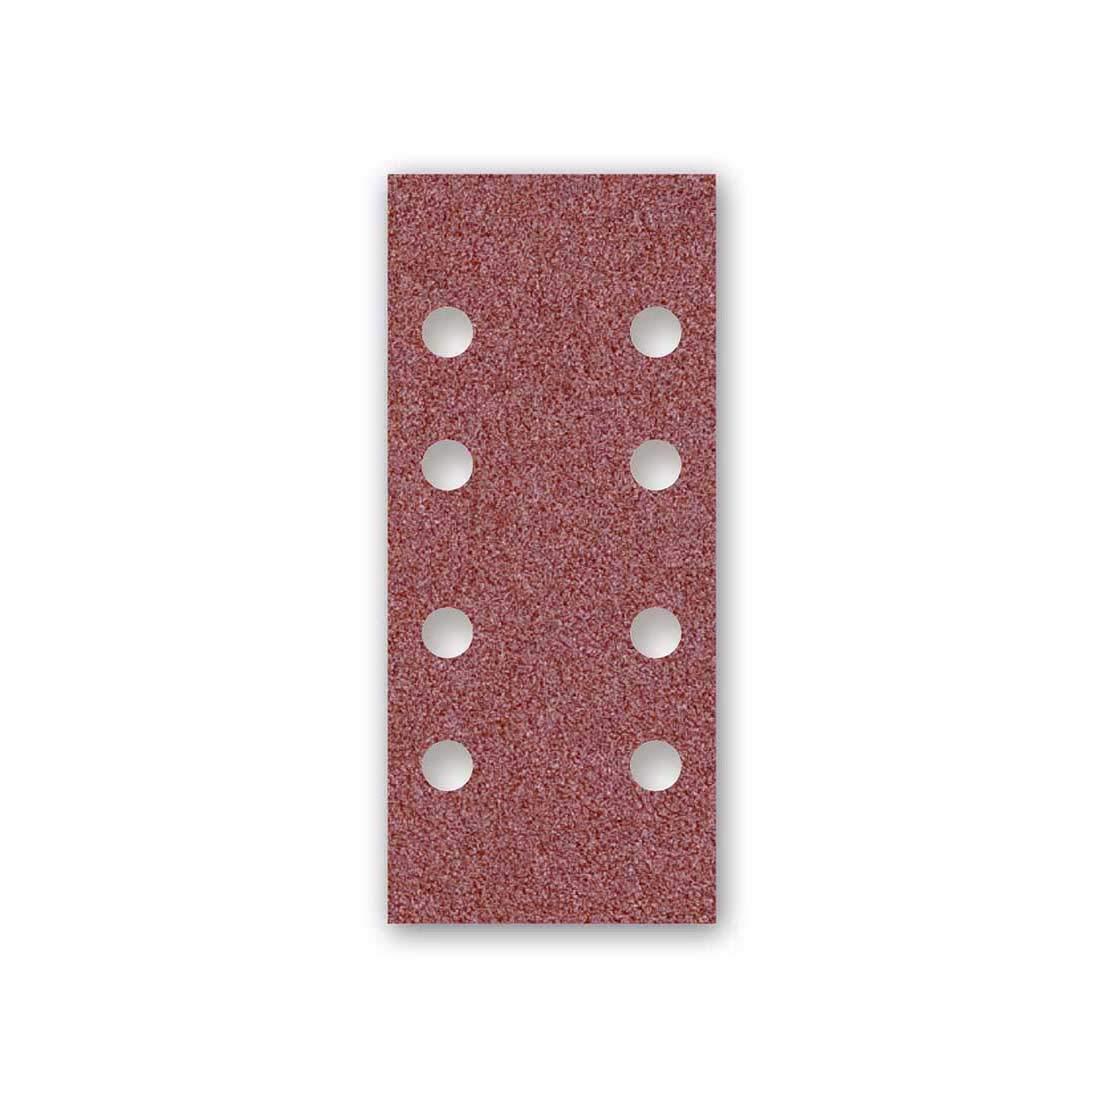 Ø 225 mm 25 Hook /& Loop Sanding Discs for Drywall Sanders G40–400-10 hole